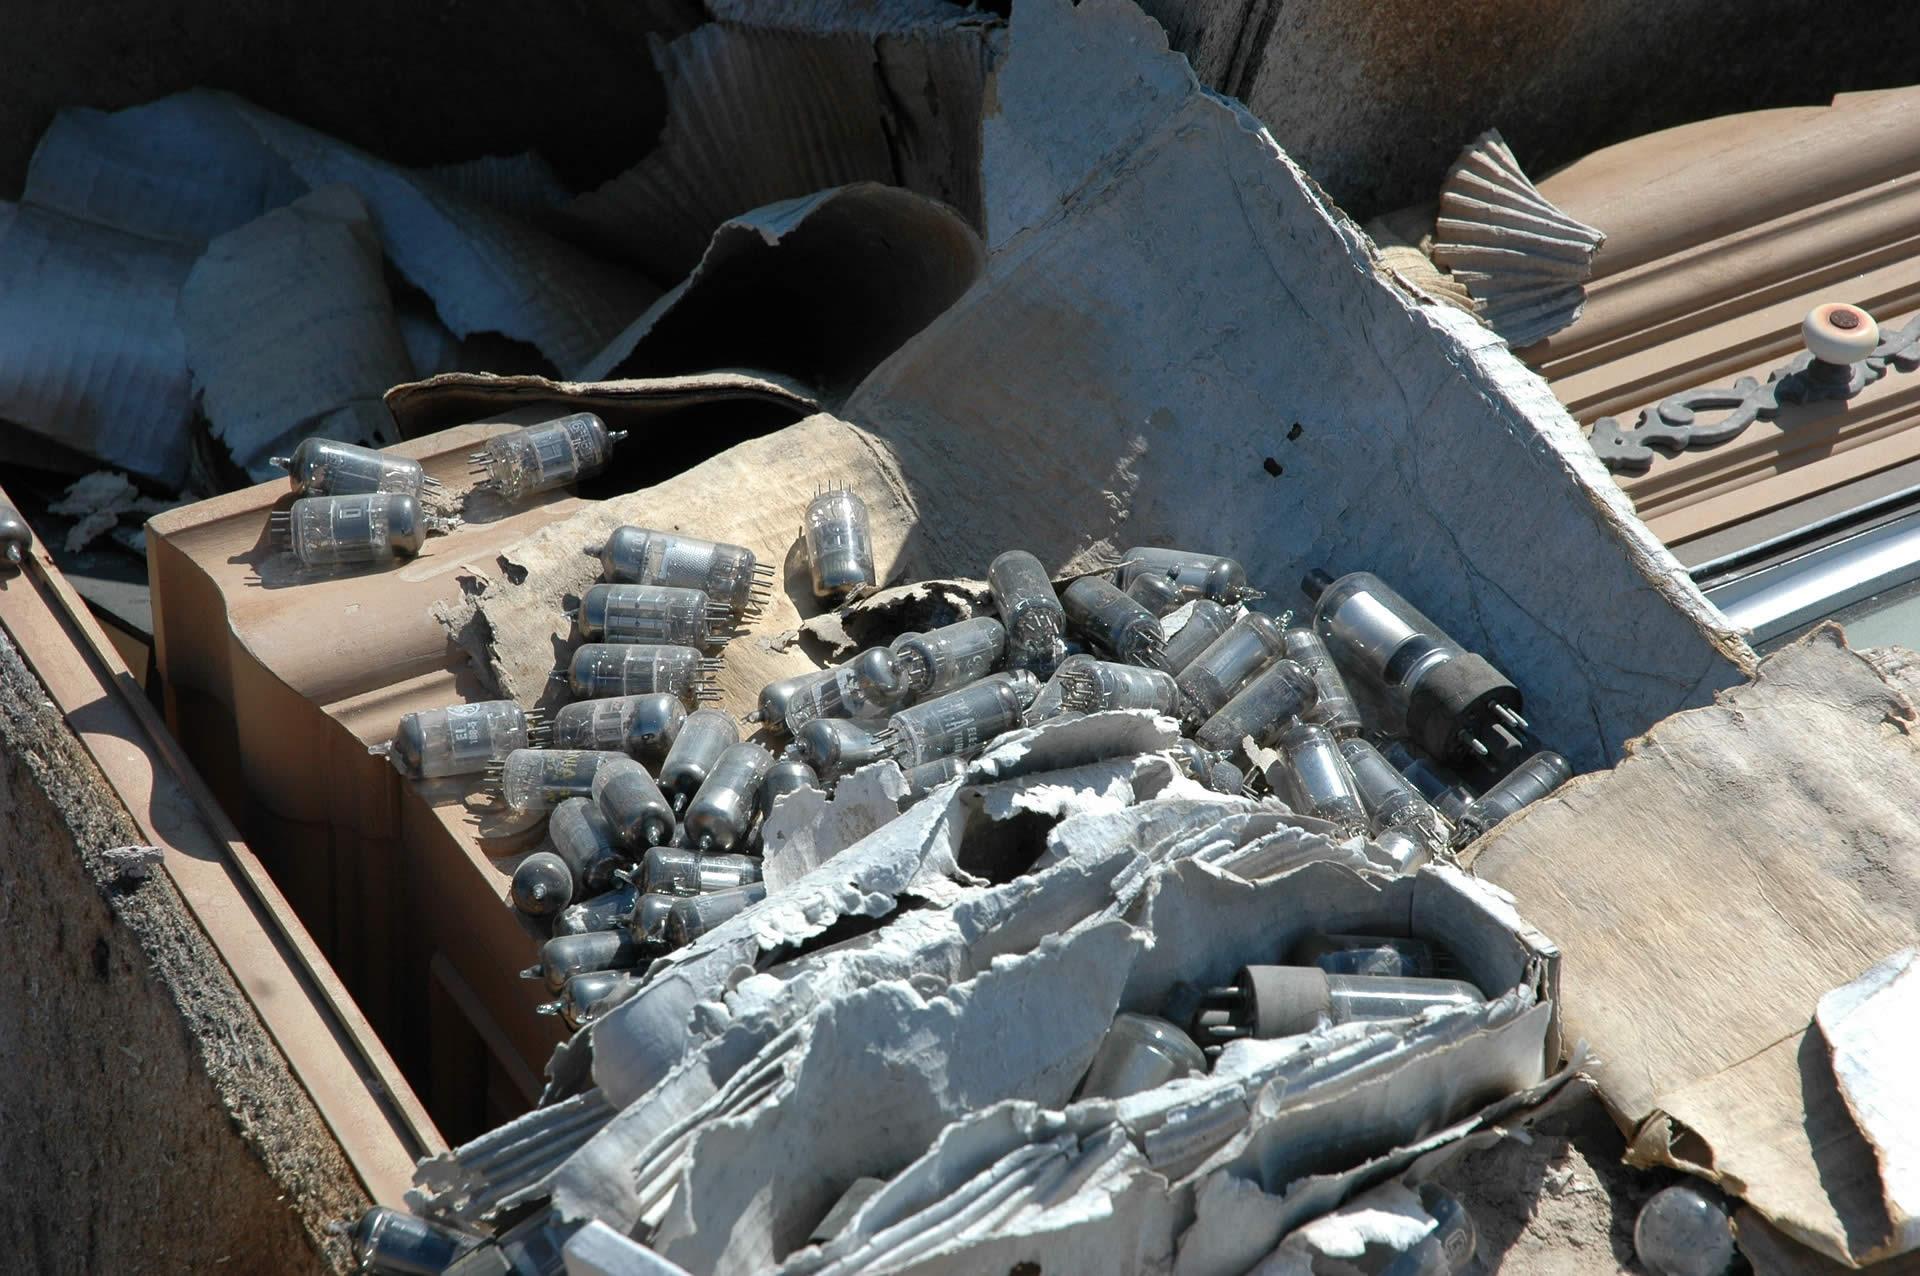 Sequestrati 12 cassoni di RAEE stoccati illegalmente